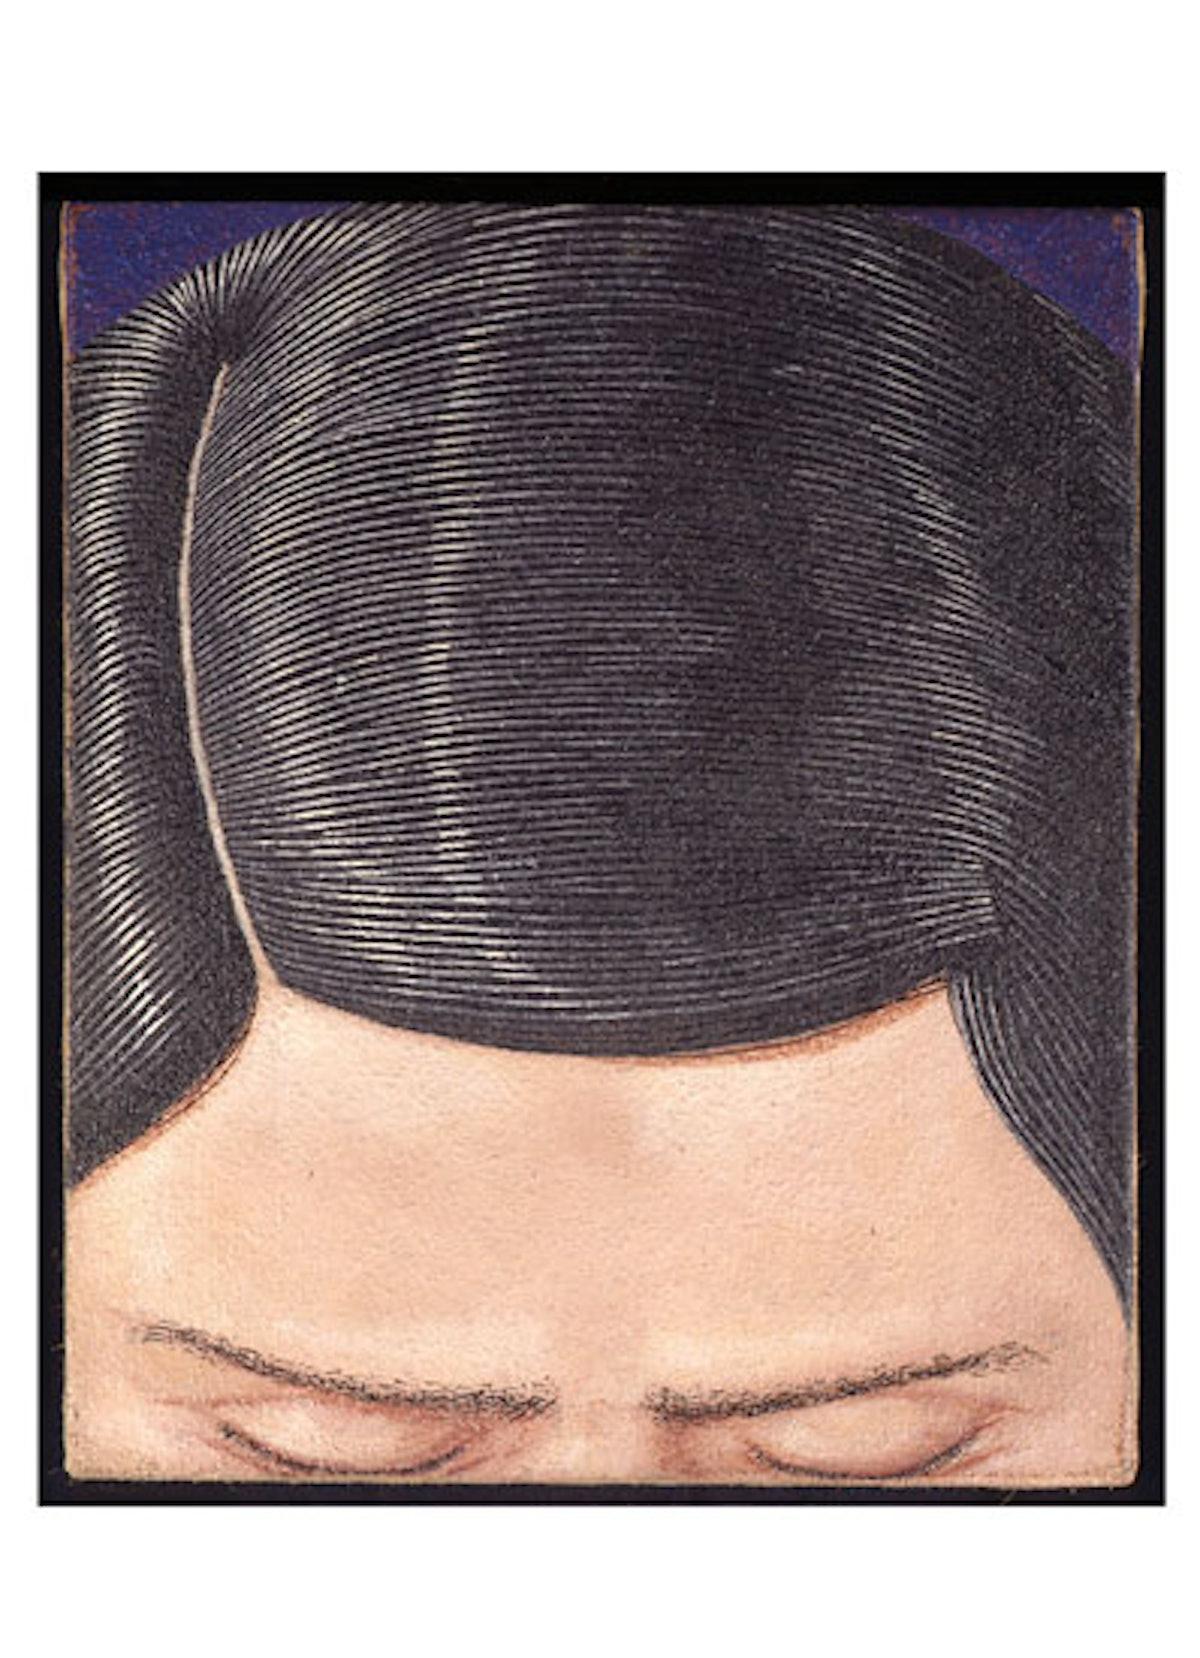 arss-domenico-gnoli-artwork-08-v.jpg